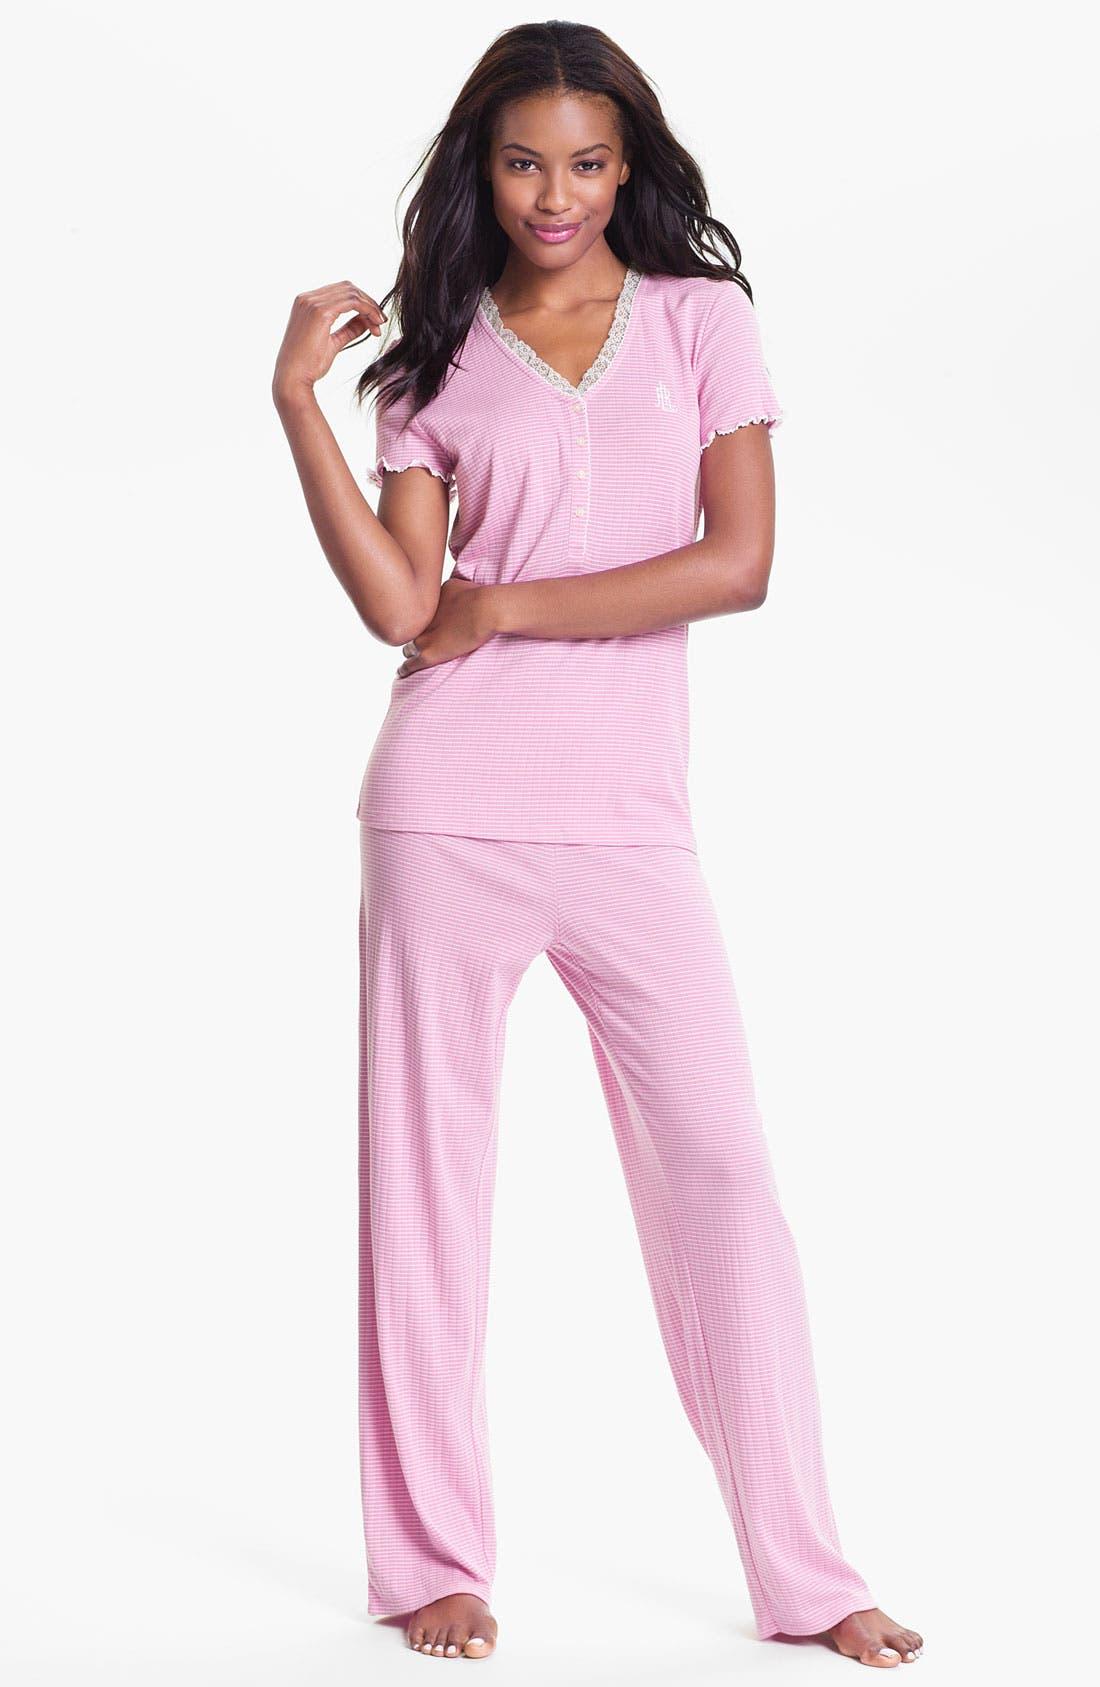 Alternate Image 1 Selected - Lauren Ralph Lauren Lace Trim Ribbed Knit Pajamas